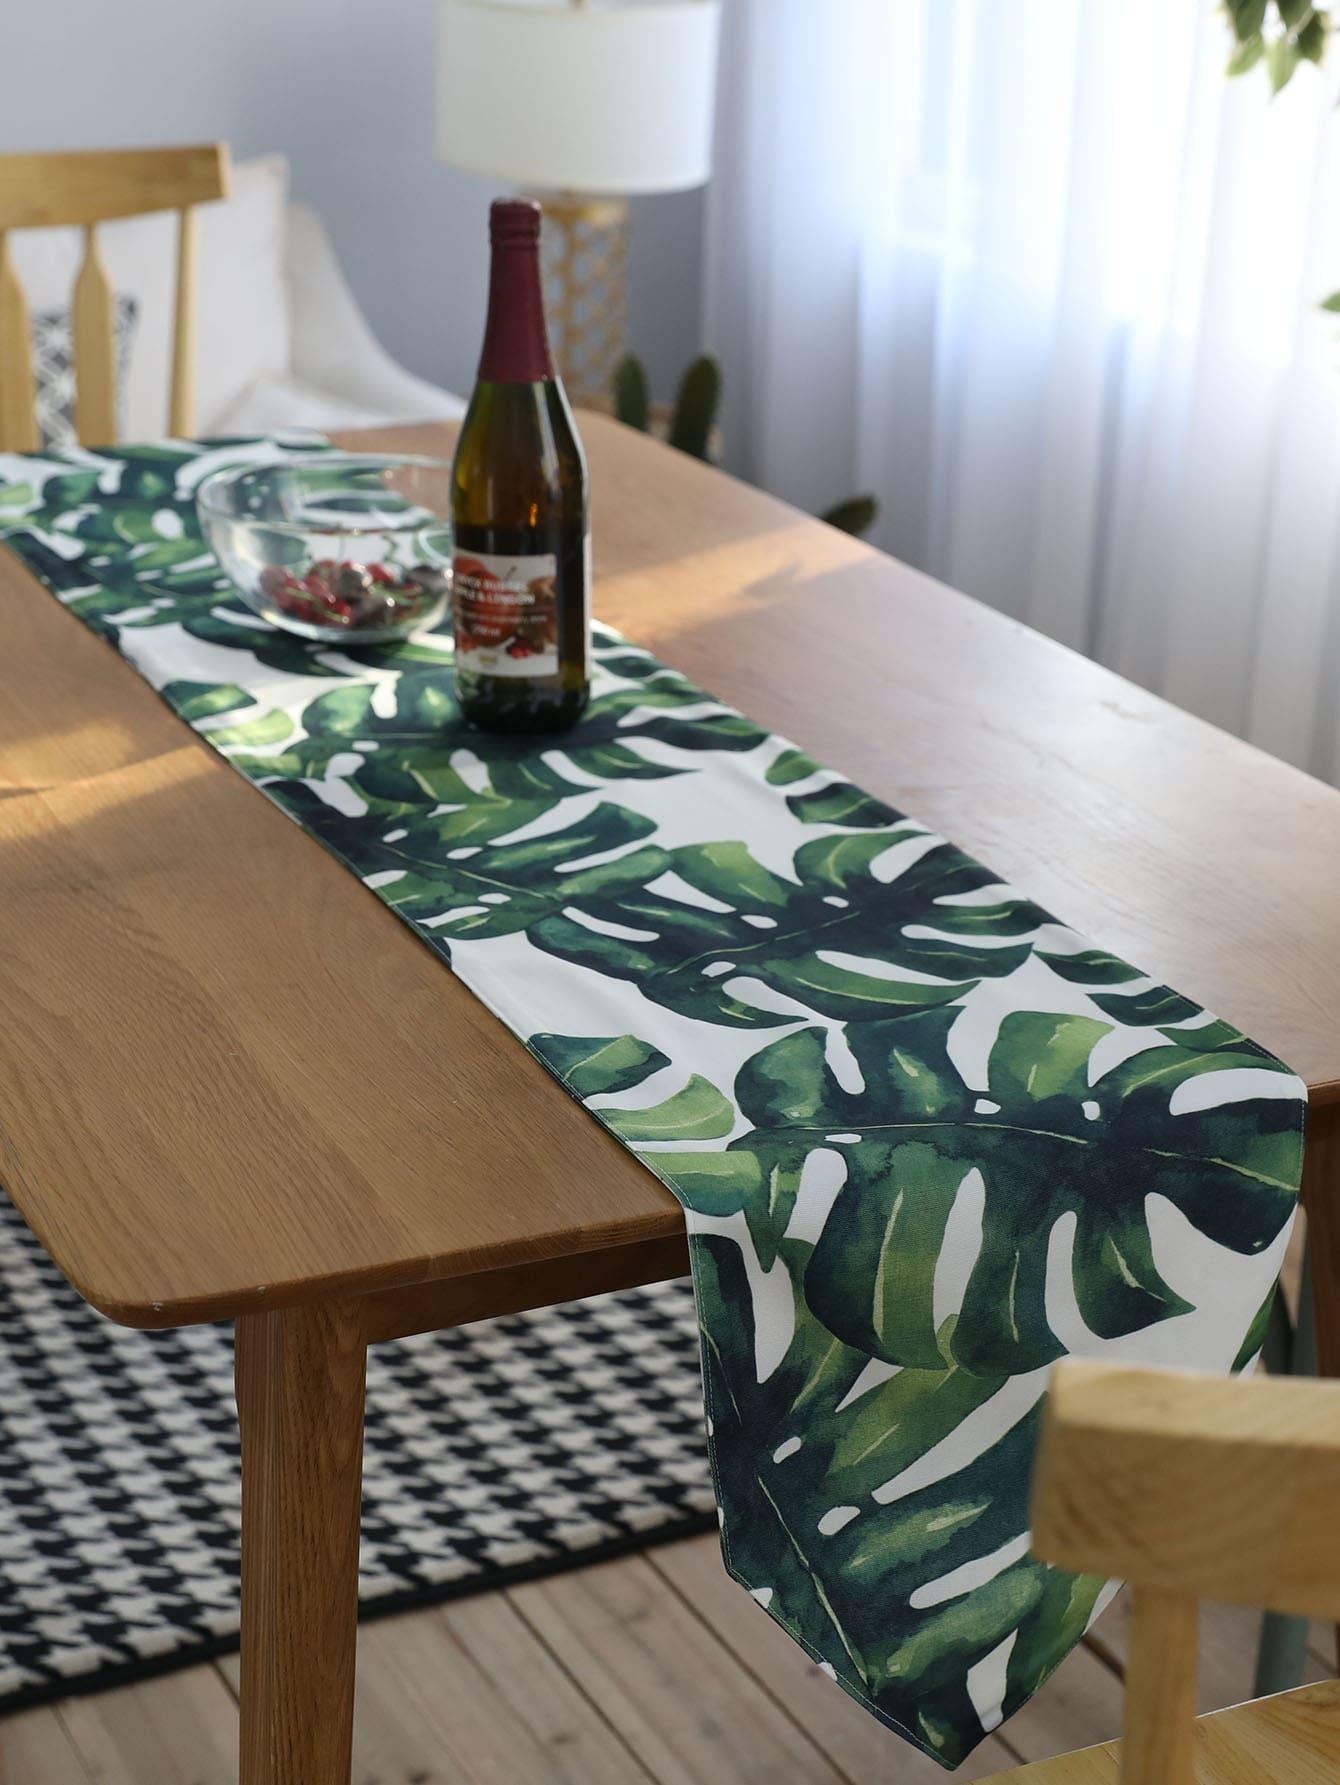 Купить Подстилка из ткани для сервировки стола пальмы, null, SheIn